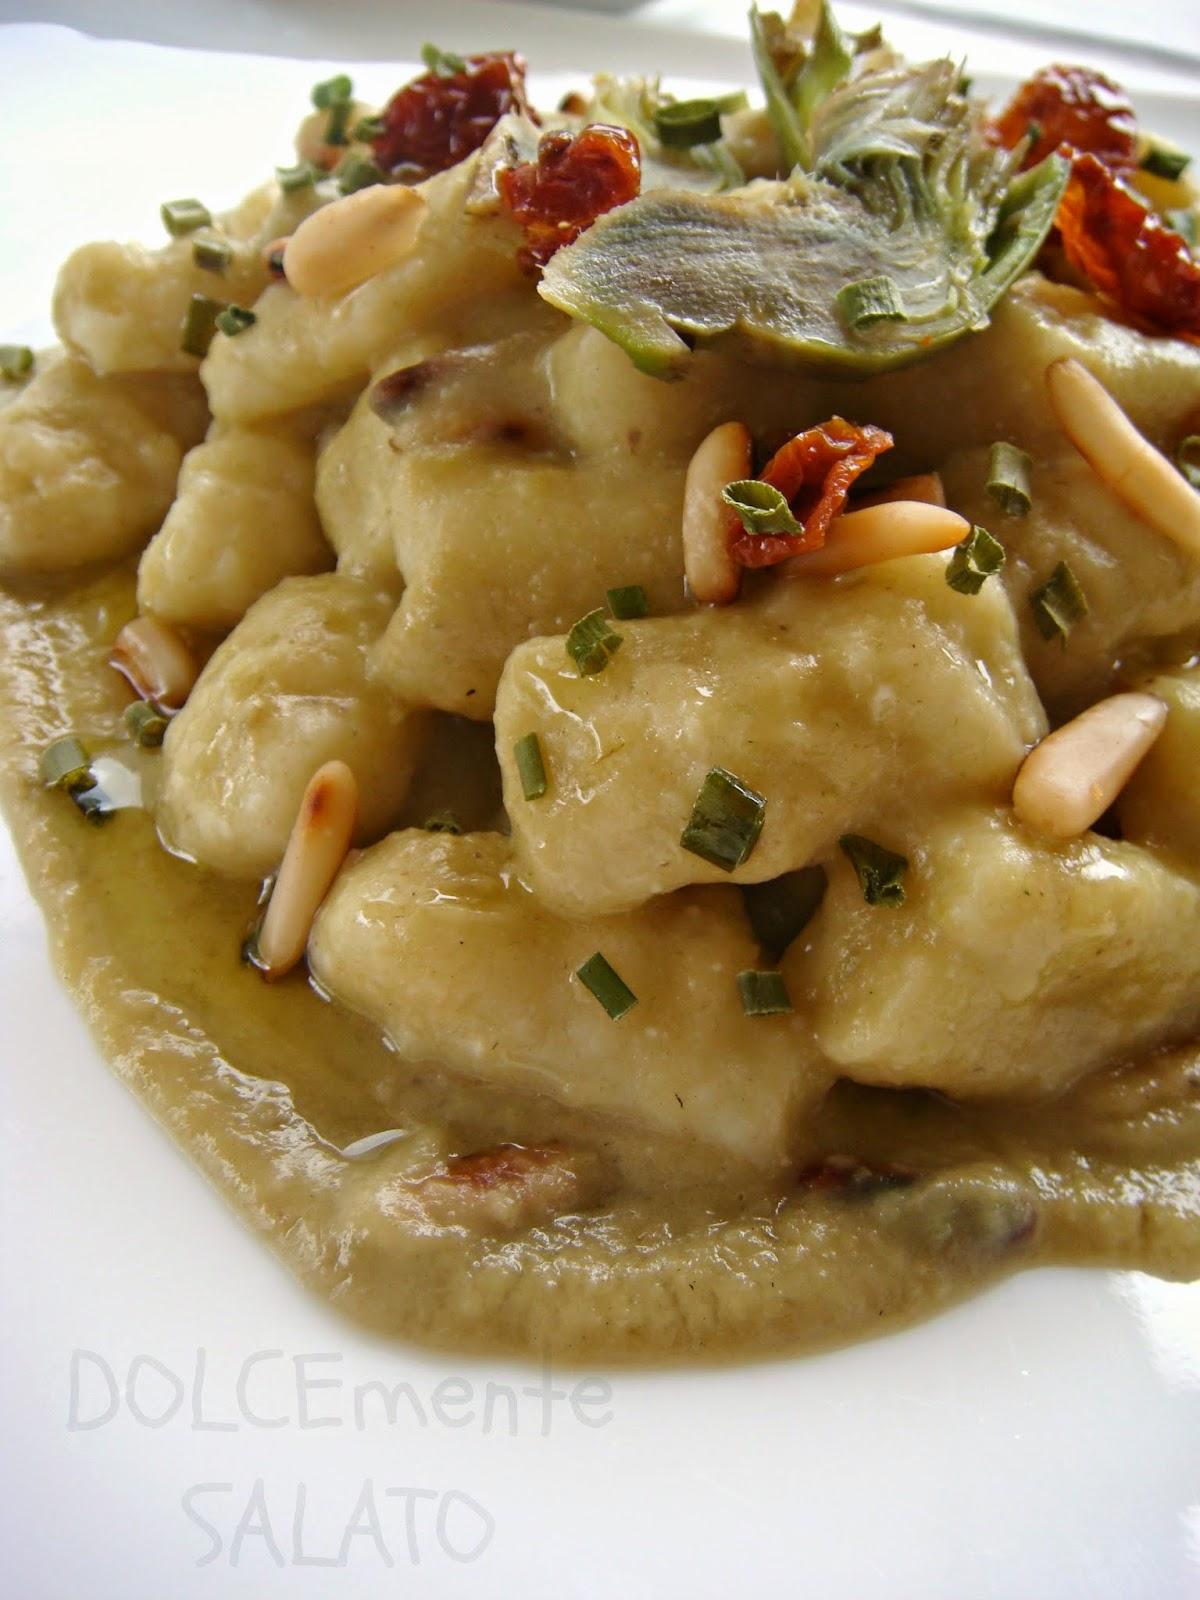 Ricetta Gnocchi Ricotta Montersino.Dolcemente Salato Gnocchi Di Ricotta Con Carciofi Pomodorini Secchi E Pinoli